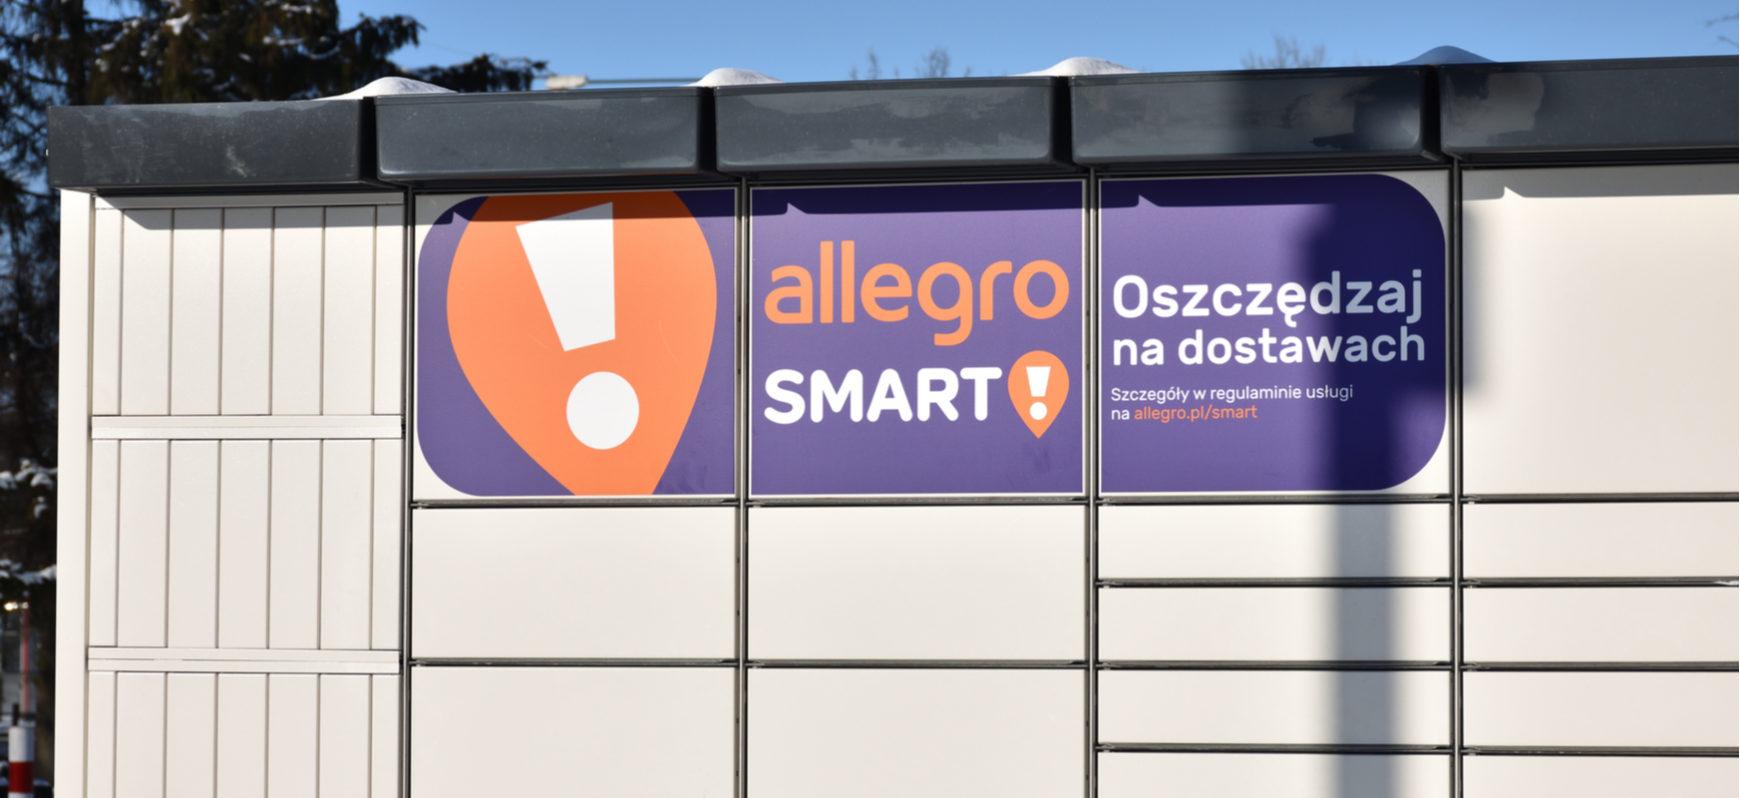 Allegro Z Konkurencja Dla Paczkomatow Postawi 1500 Maszyn W 2021 R